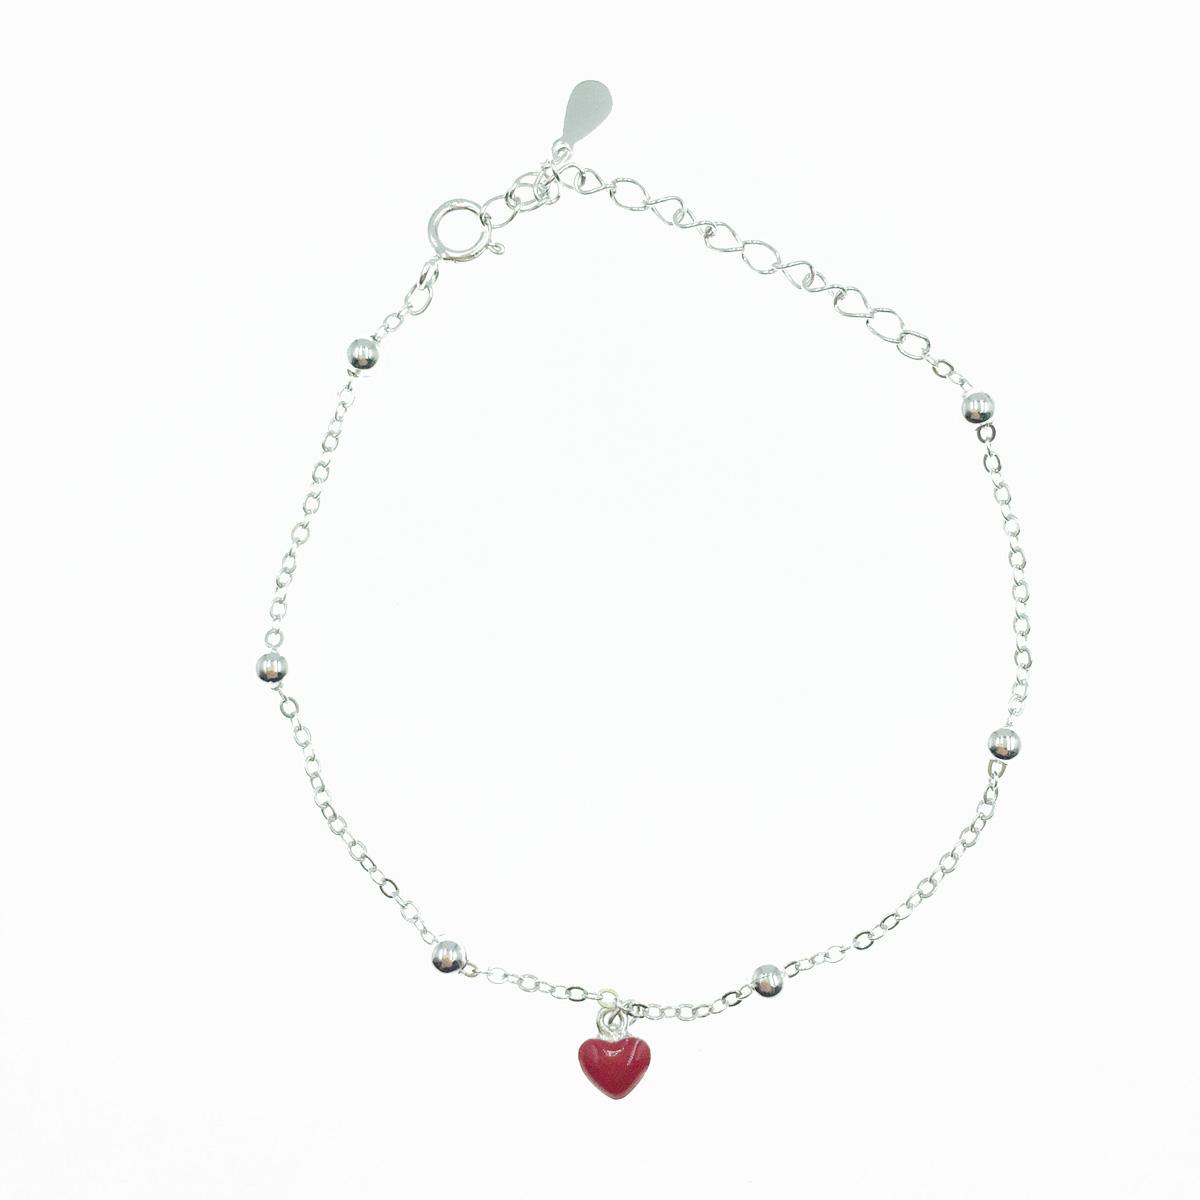 韓國 925純銀 紅愛心 金屬小珠珠 手飾 手鍊